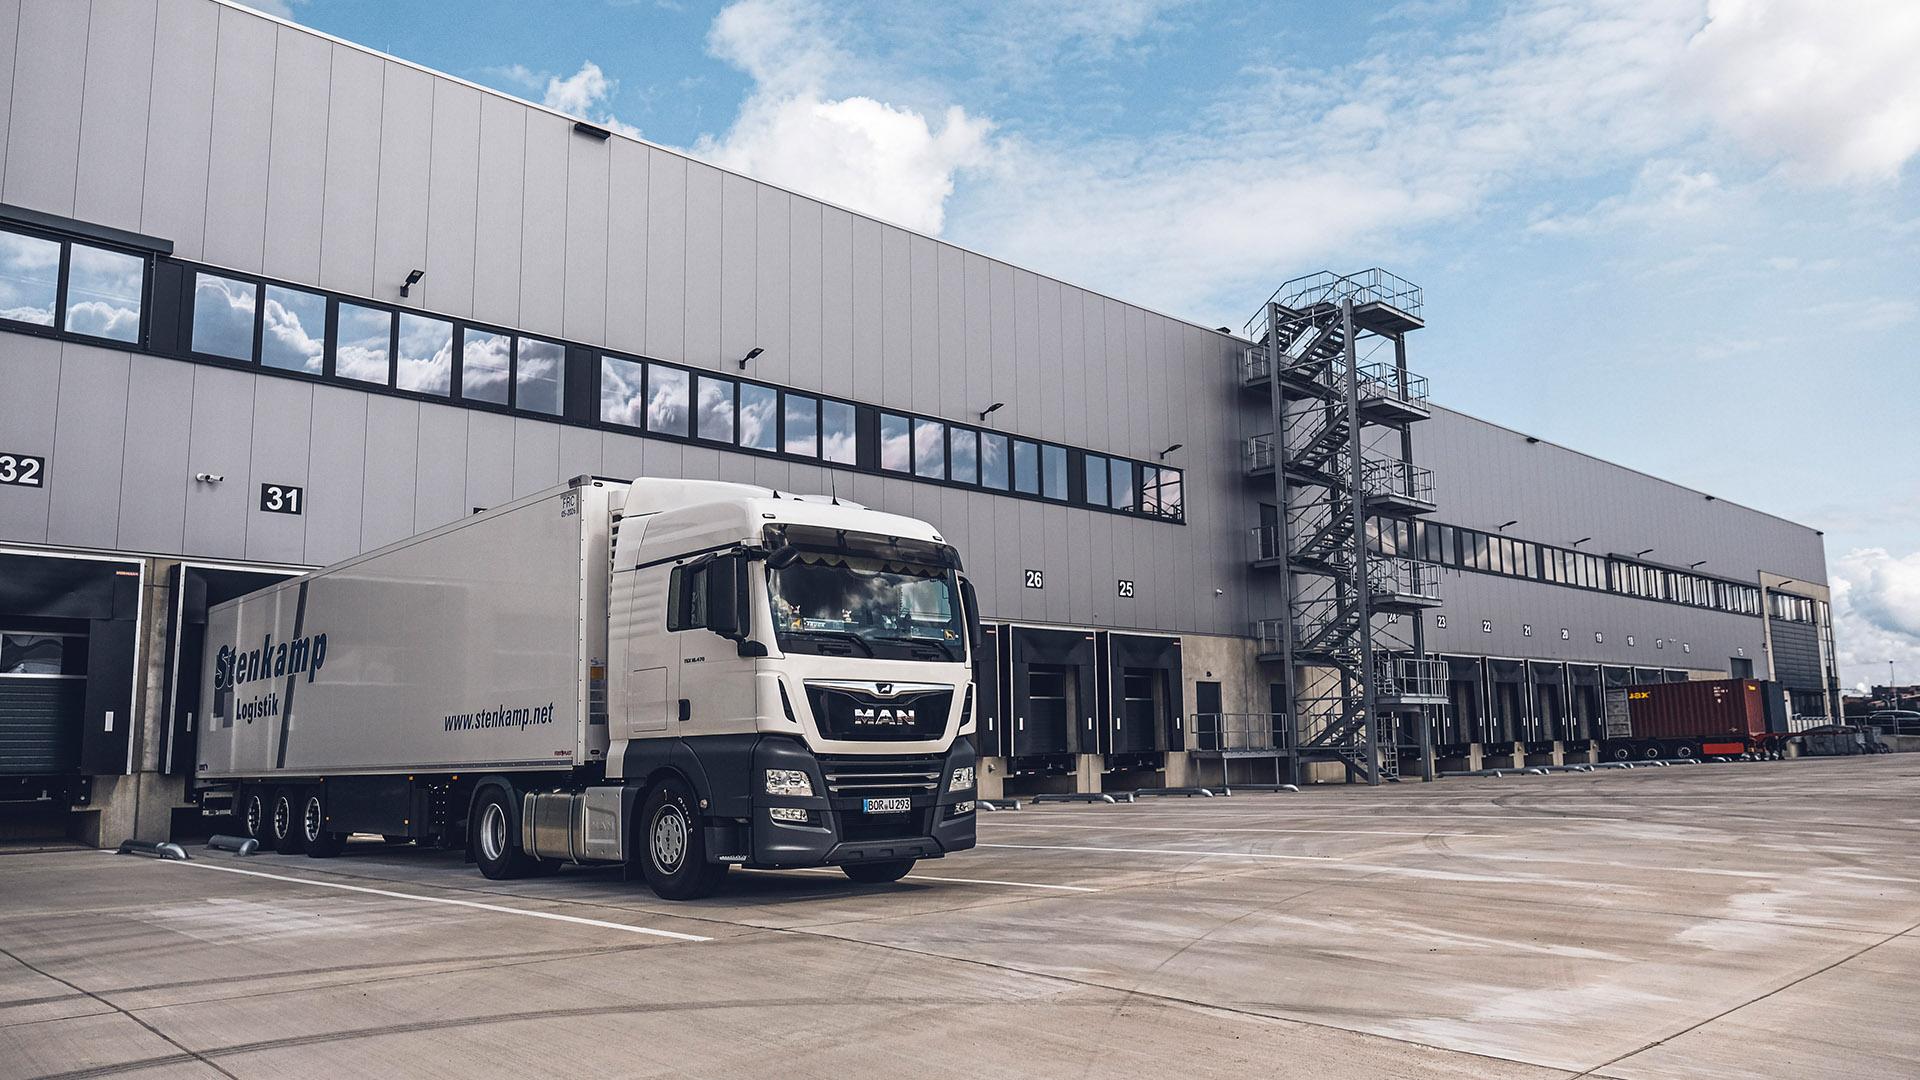 Stenkamp Transporte Sattelzug Logistik Lager Duisburg